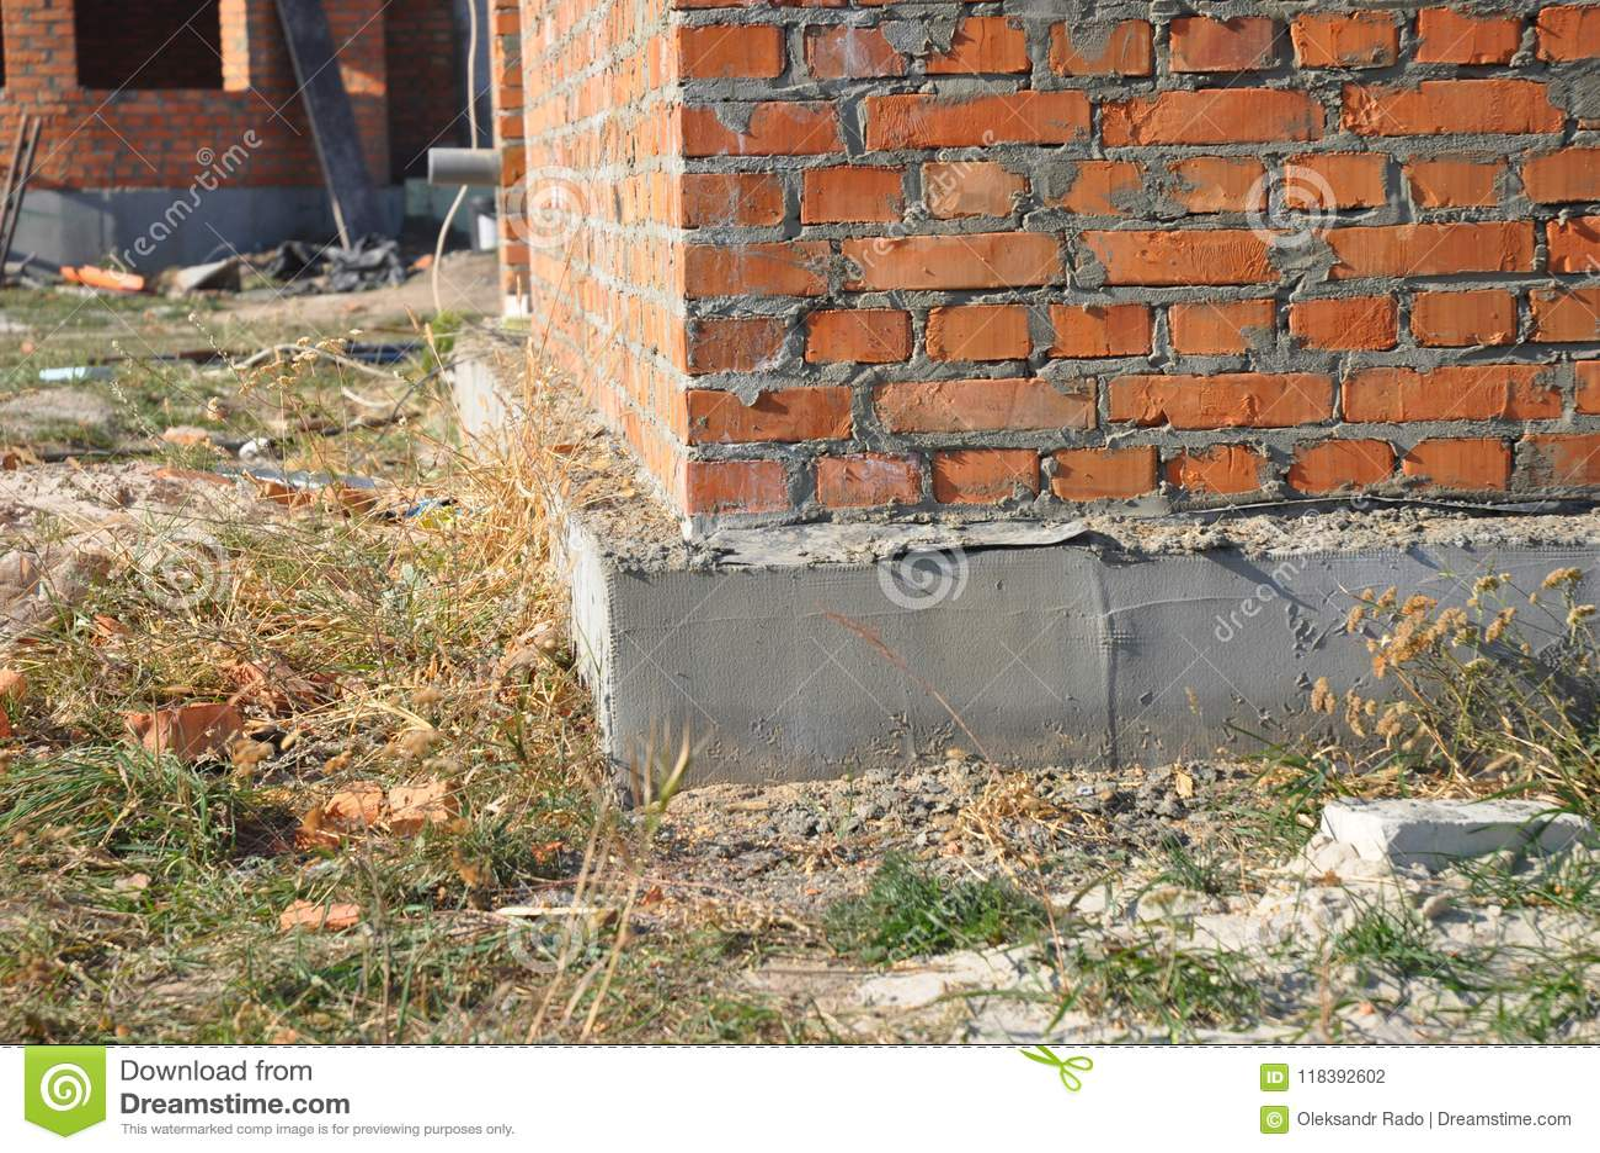 Feche Acima Na Isolacao Da Fundacao Da Casa Do Tijolo Com Emplastro Foto De Stock Imagem De Feche Fundacao 118392602